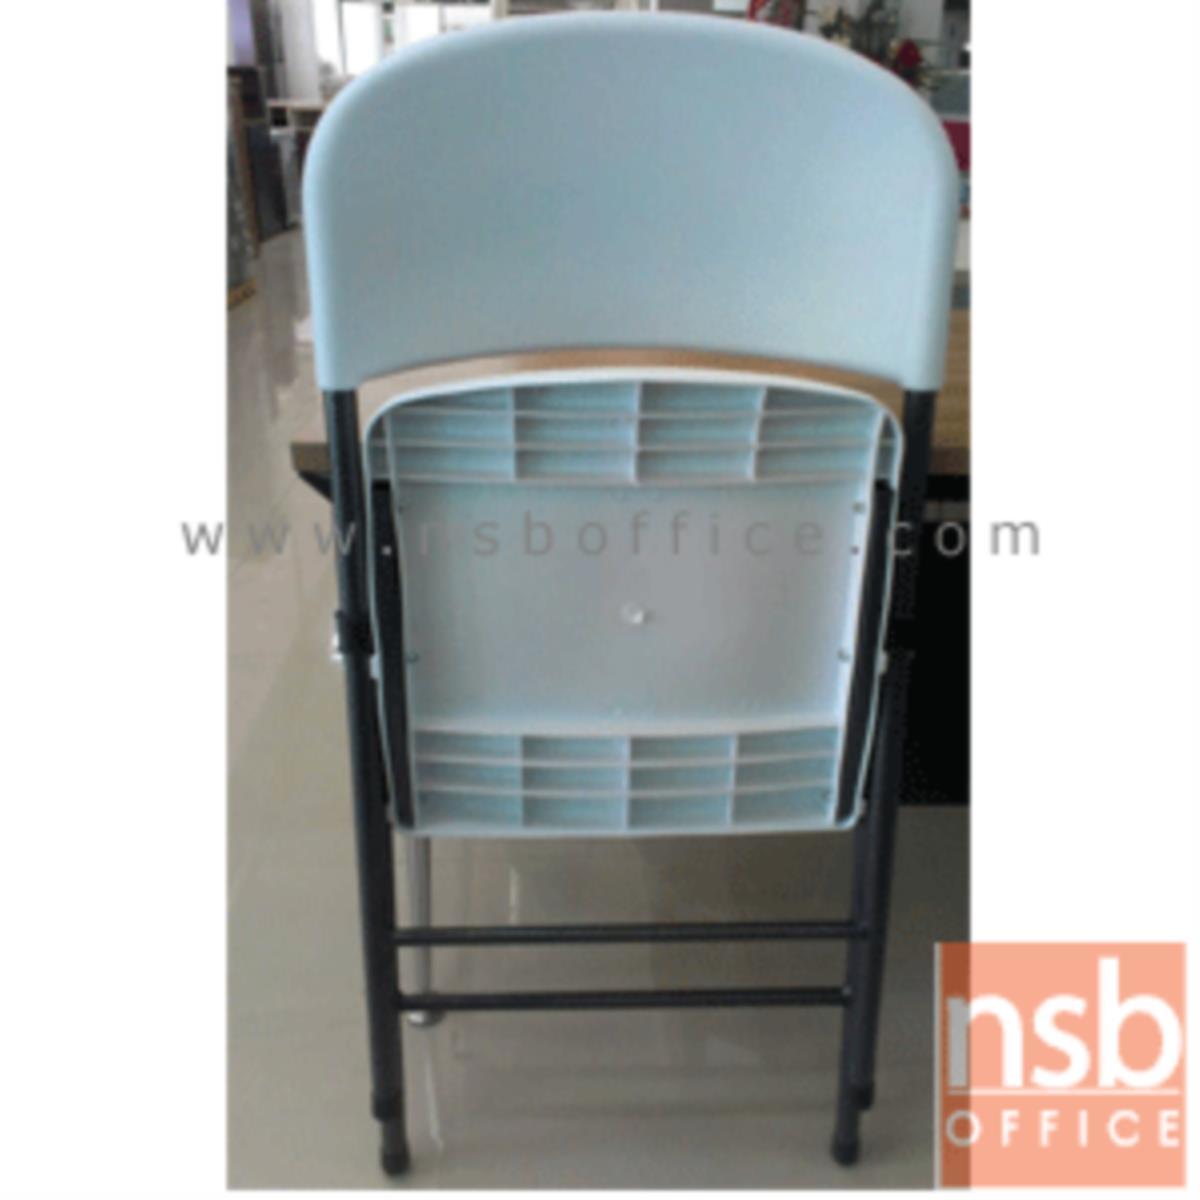 เก้าอี้พับที่นั่งพลาสติก รุ่น Ikon (ไอคอน) ขาอีพ็อกซี่เกล็ดเงิน